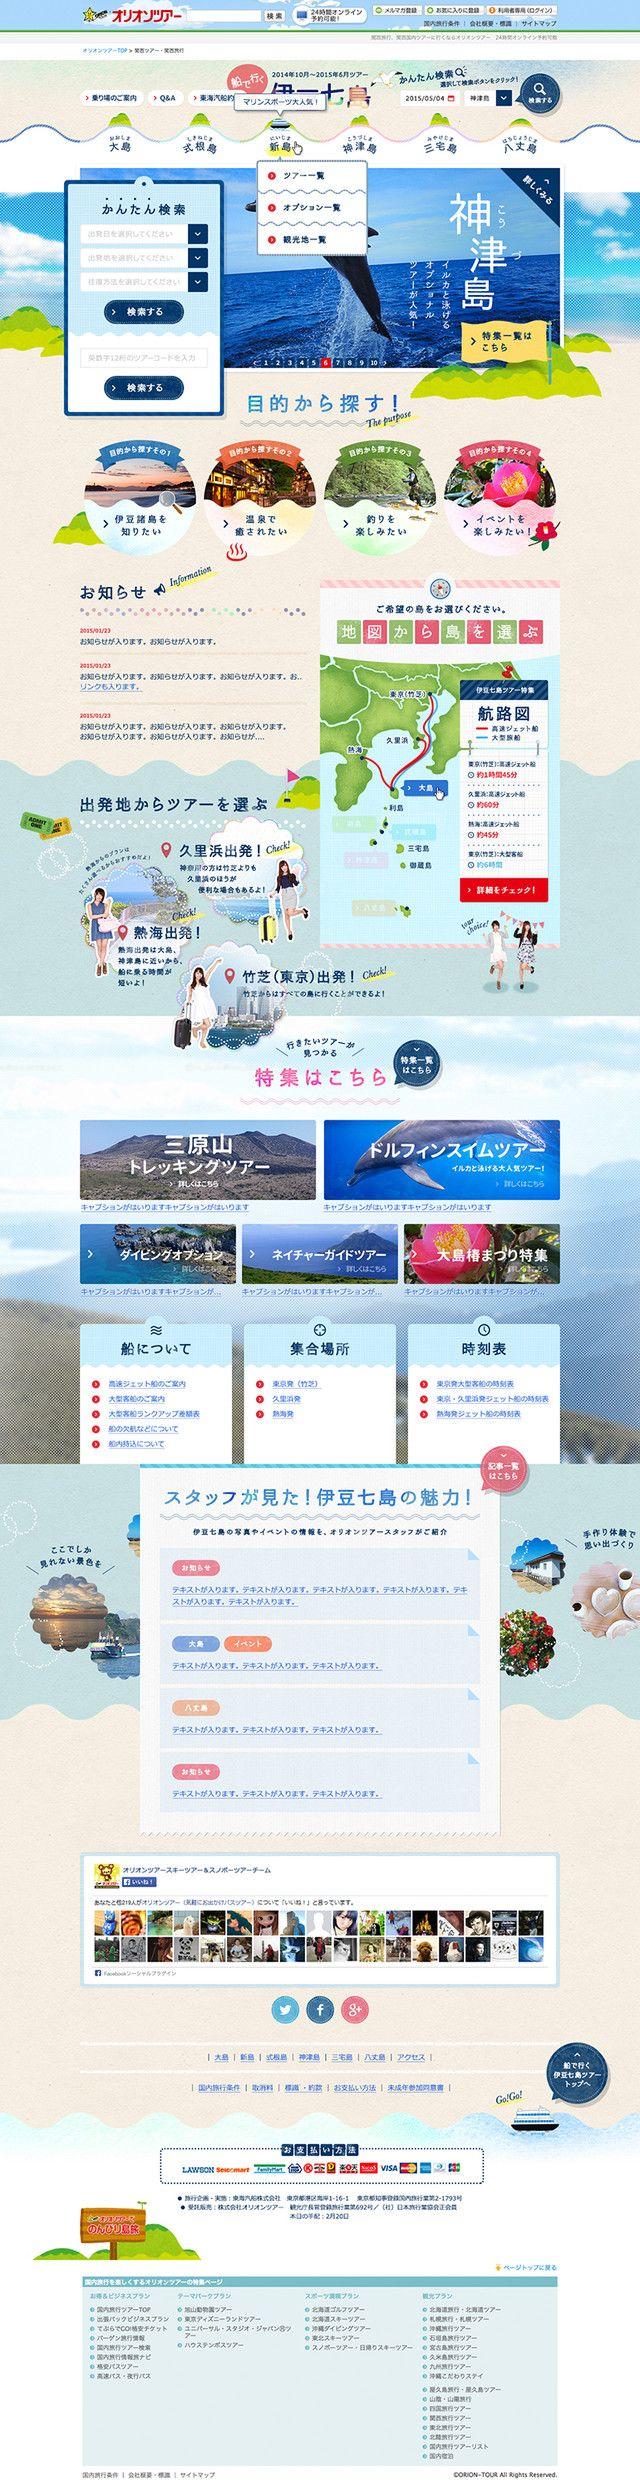 オリオンツアー 伊豆七島 - ohishiyumico